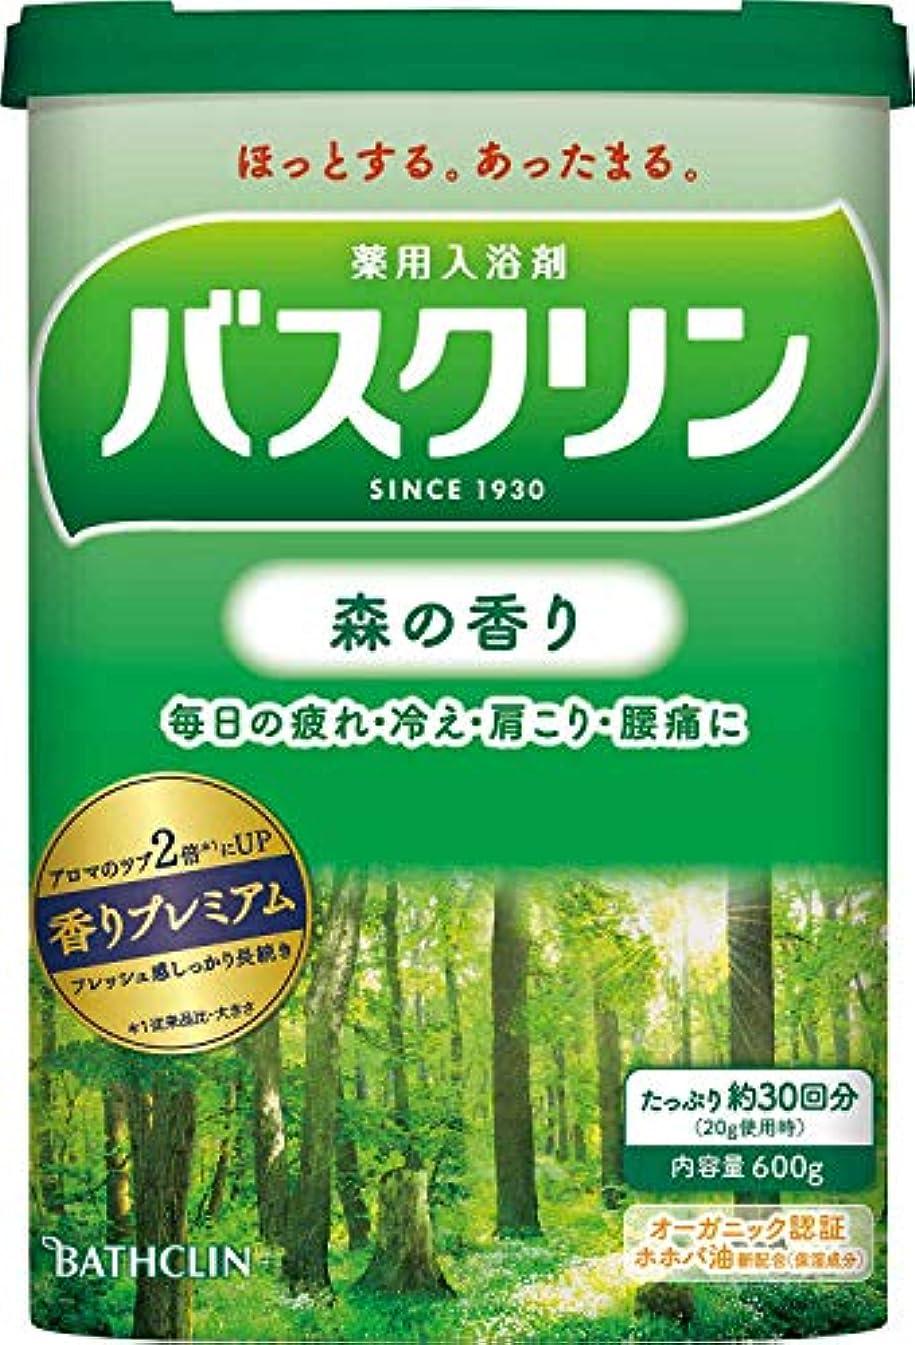 一掃するほこり爪【医薬部外品】バスクリン入浴剤 森の香り600g入浴剤(約30回分) 疲労回復